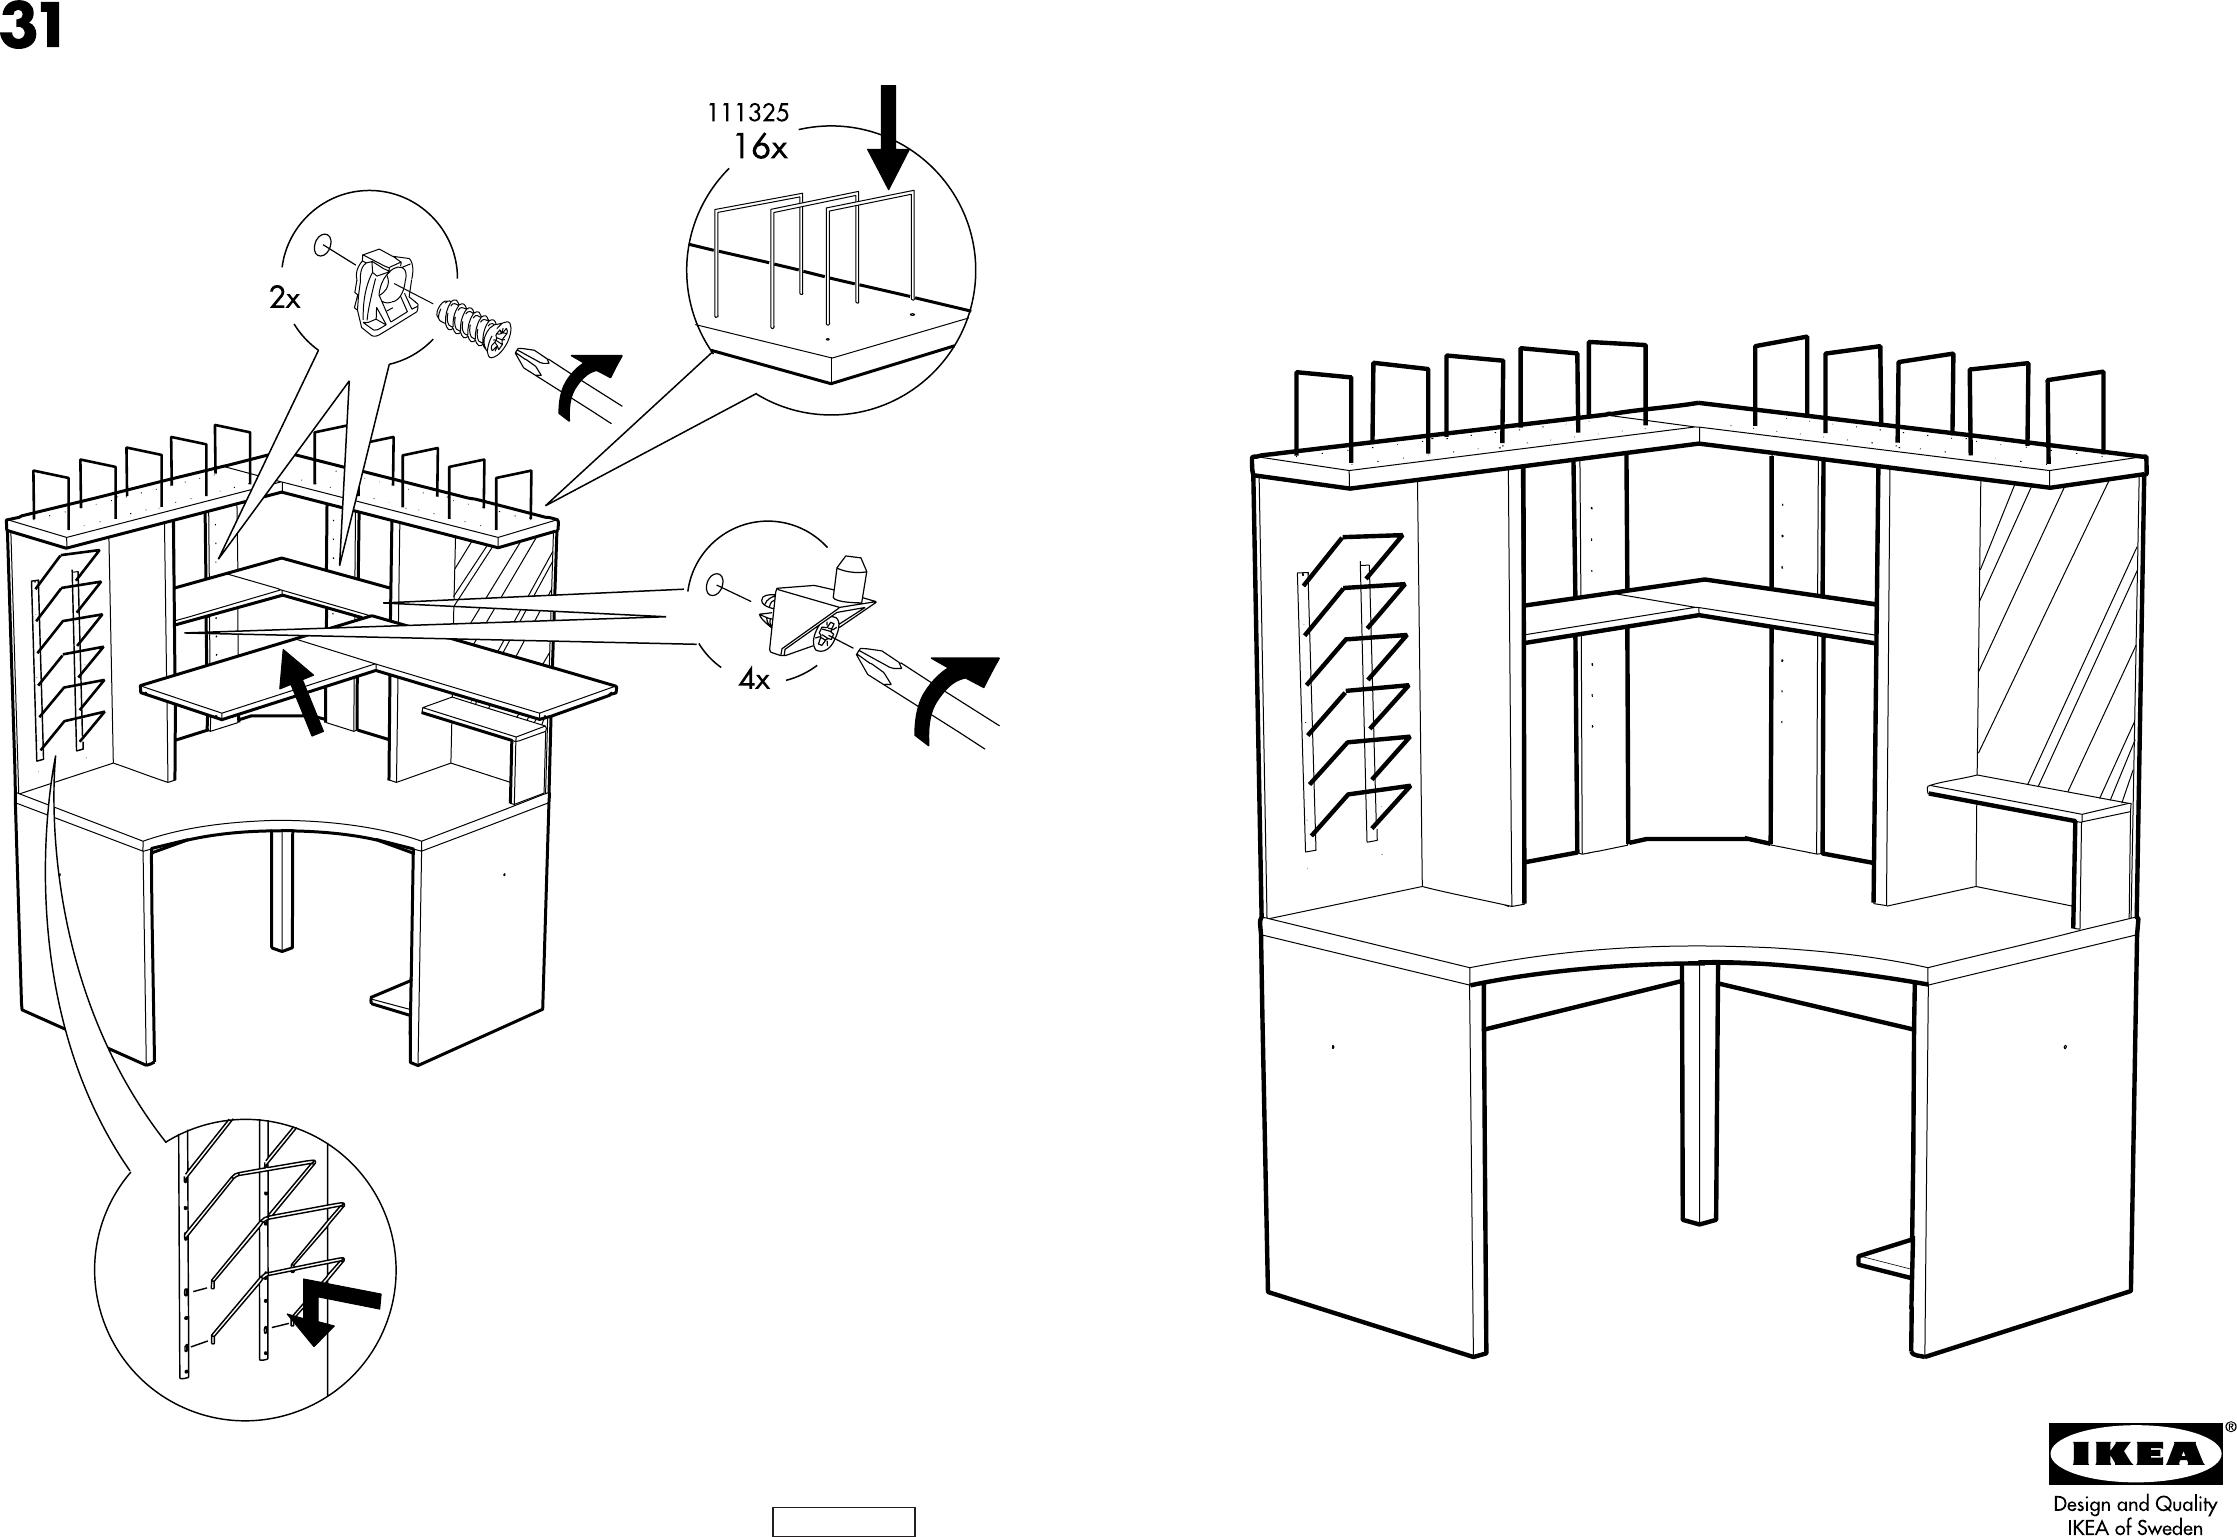 bedienungsanleitung ikea mikael hoekburo seite 1 von 10 d nisch deutsch englisch spanisch. Black Bedroom Furniture Sets. Home Design Ideas